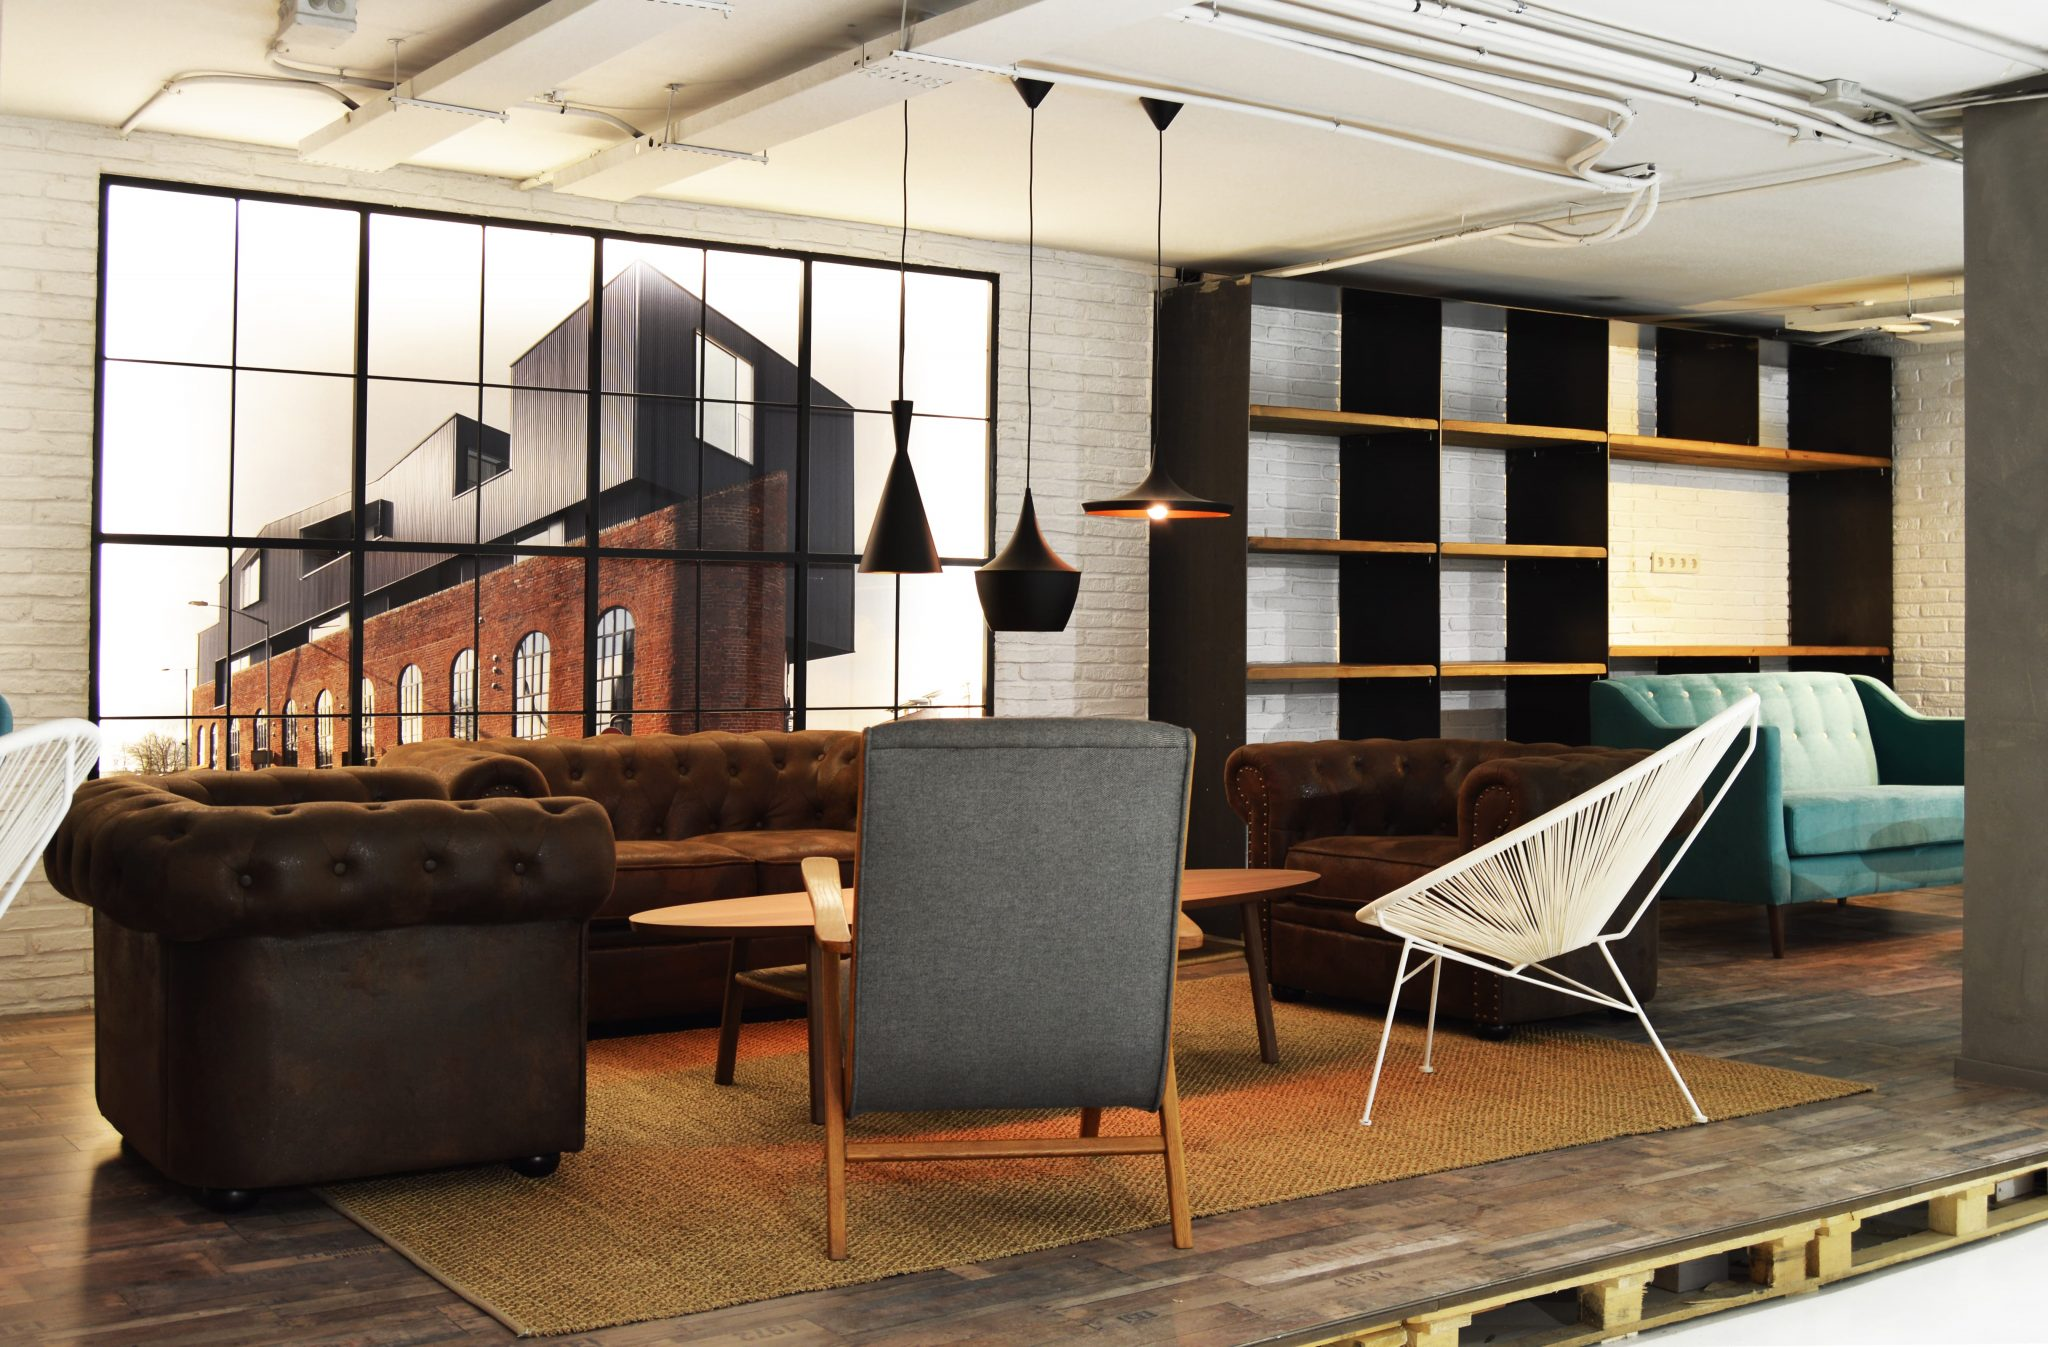 Arquitectura / Interiorismo / Hub 1